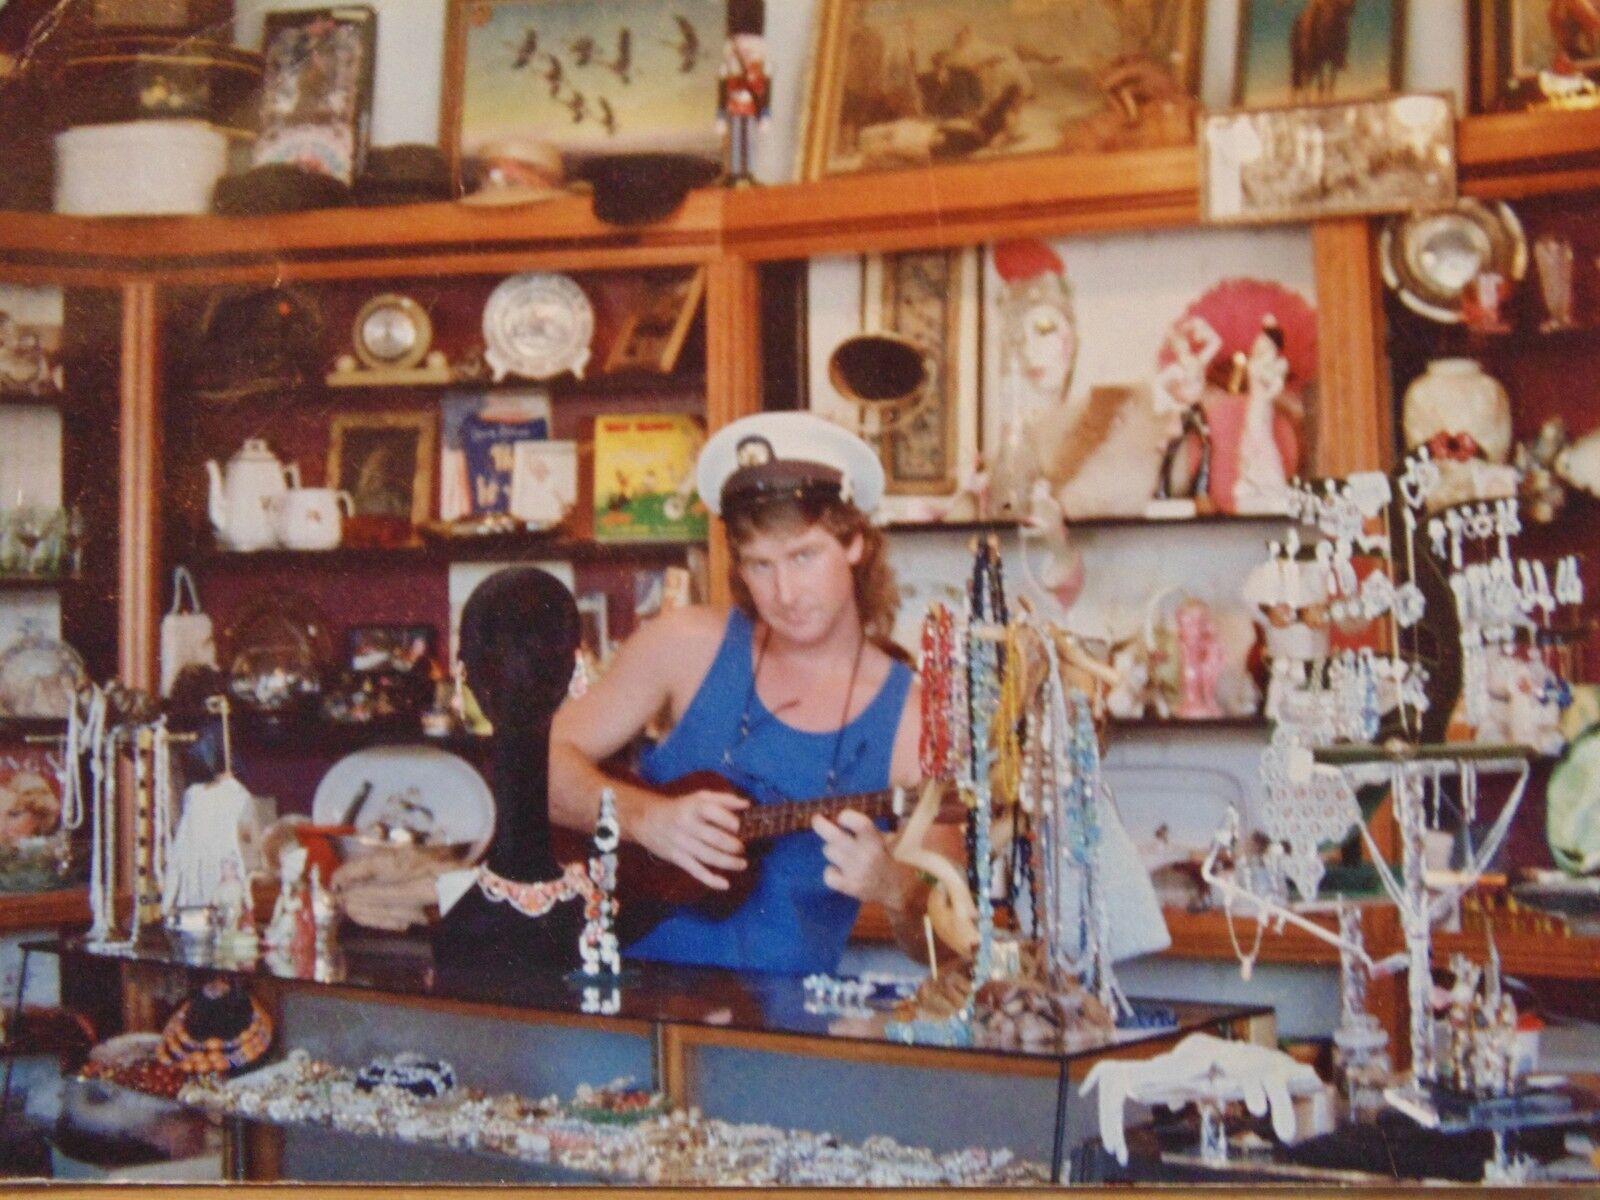 Austintactious Antiques